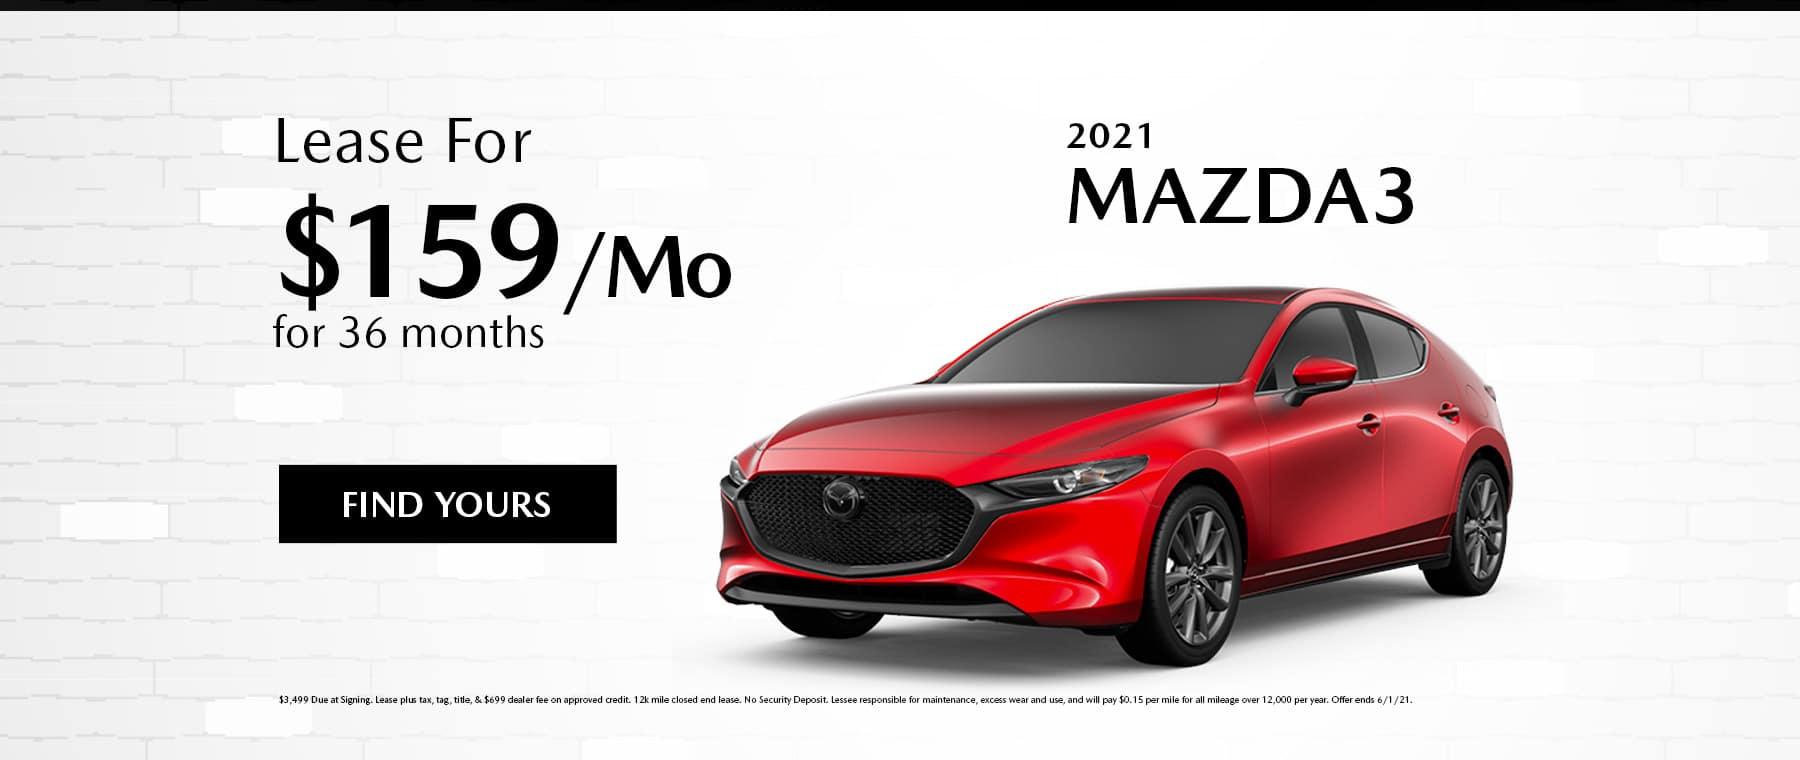 MAZDA3 May Special Desktop